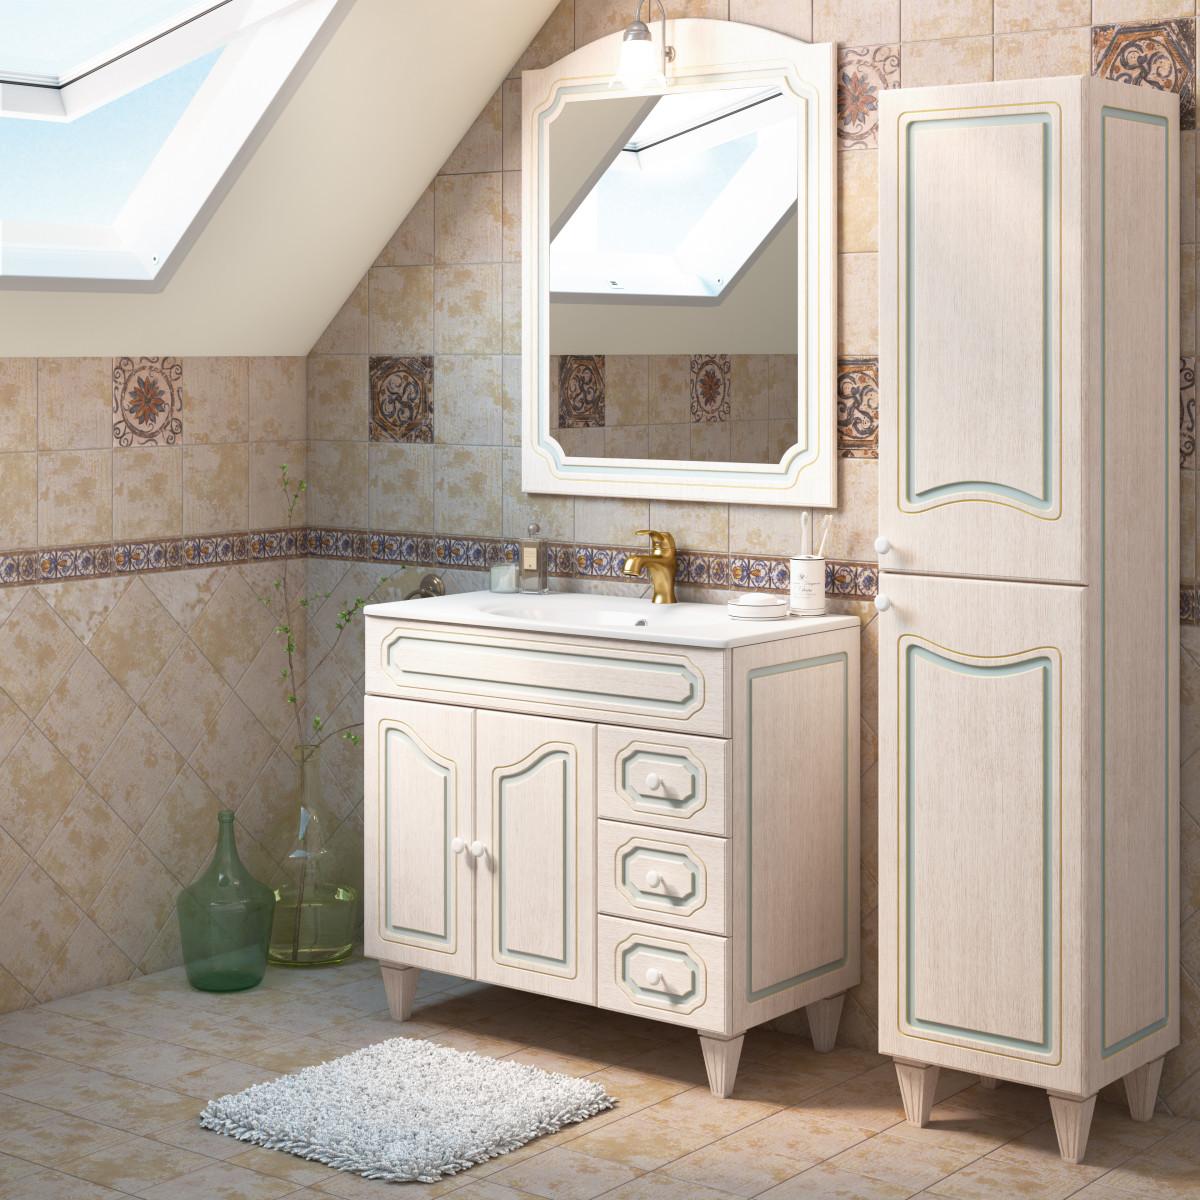 Mobiletto per il bagno finest mobiletti per il bagno with - Mobiletto bagno ...